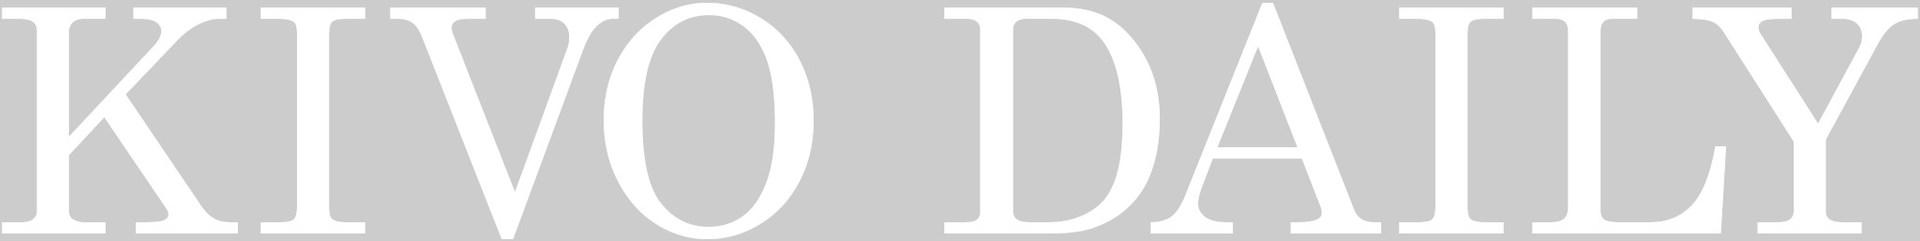 kivo_daily_logo_edited.jpg